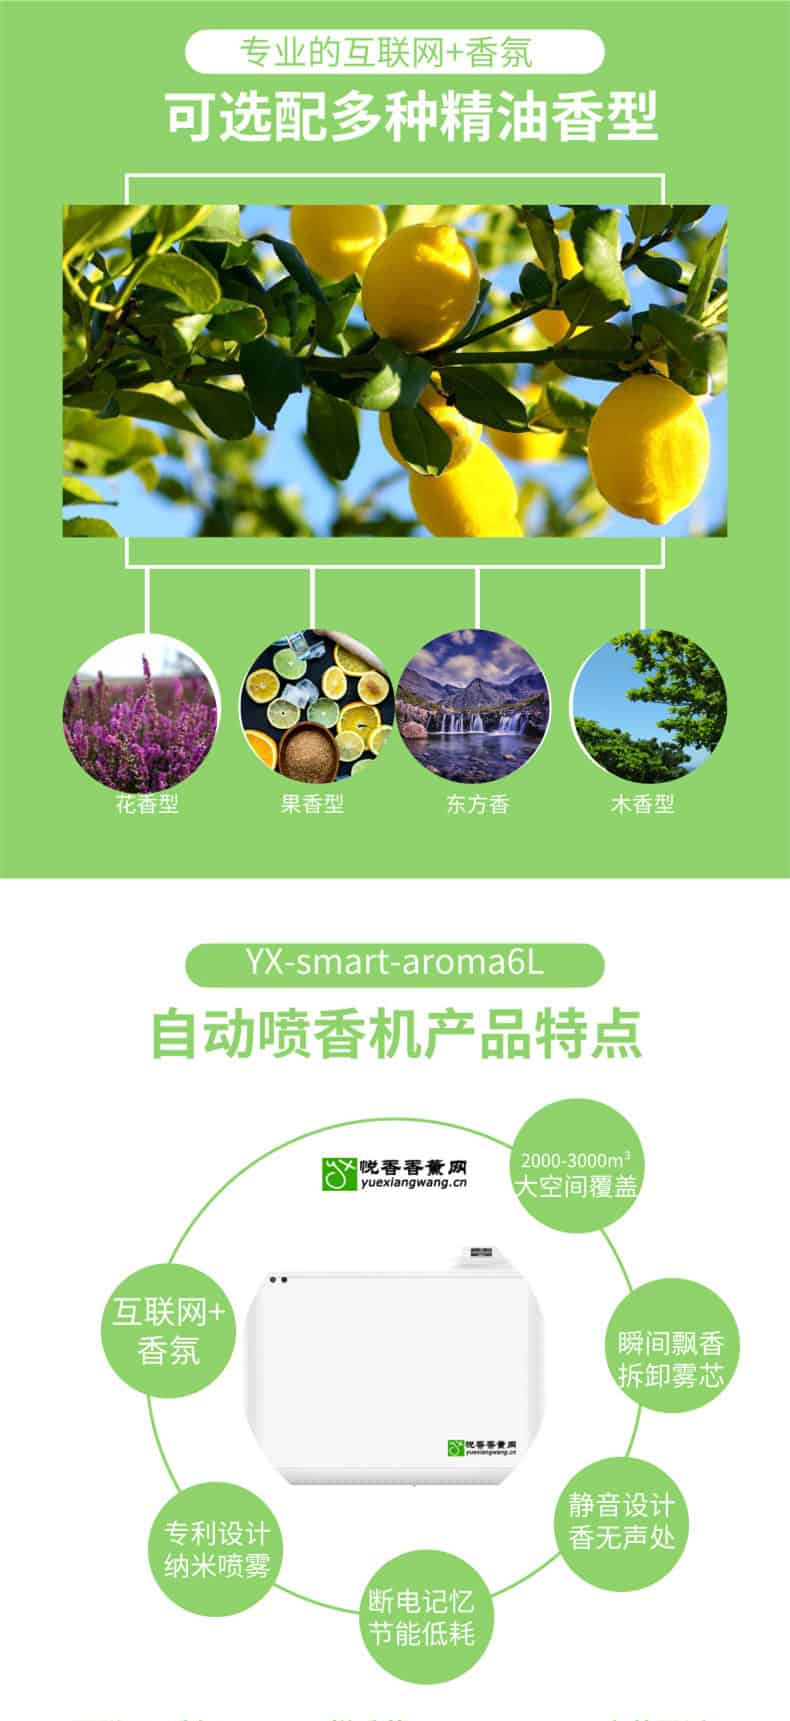 酒店自动喷香机YX-smart-aroma6系列香氛系统设备